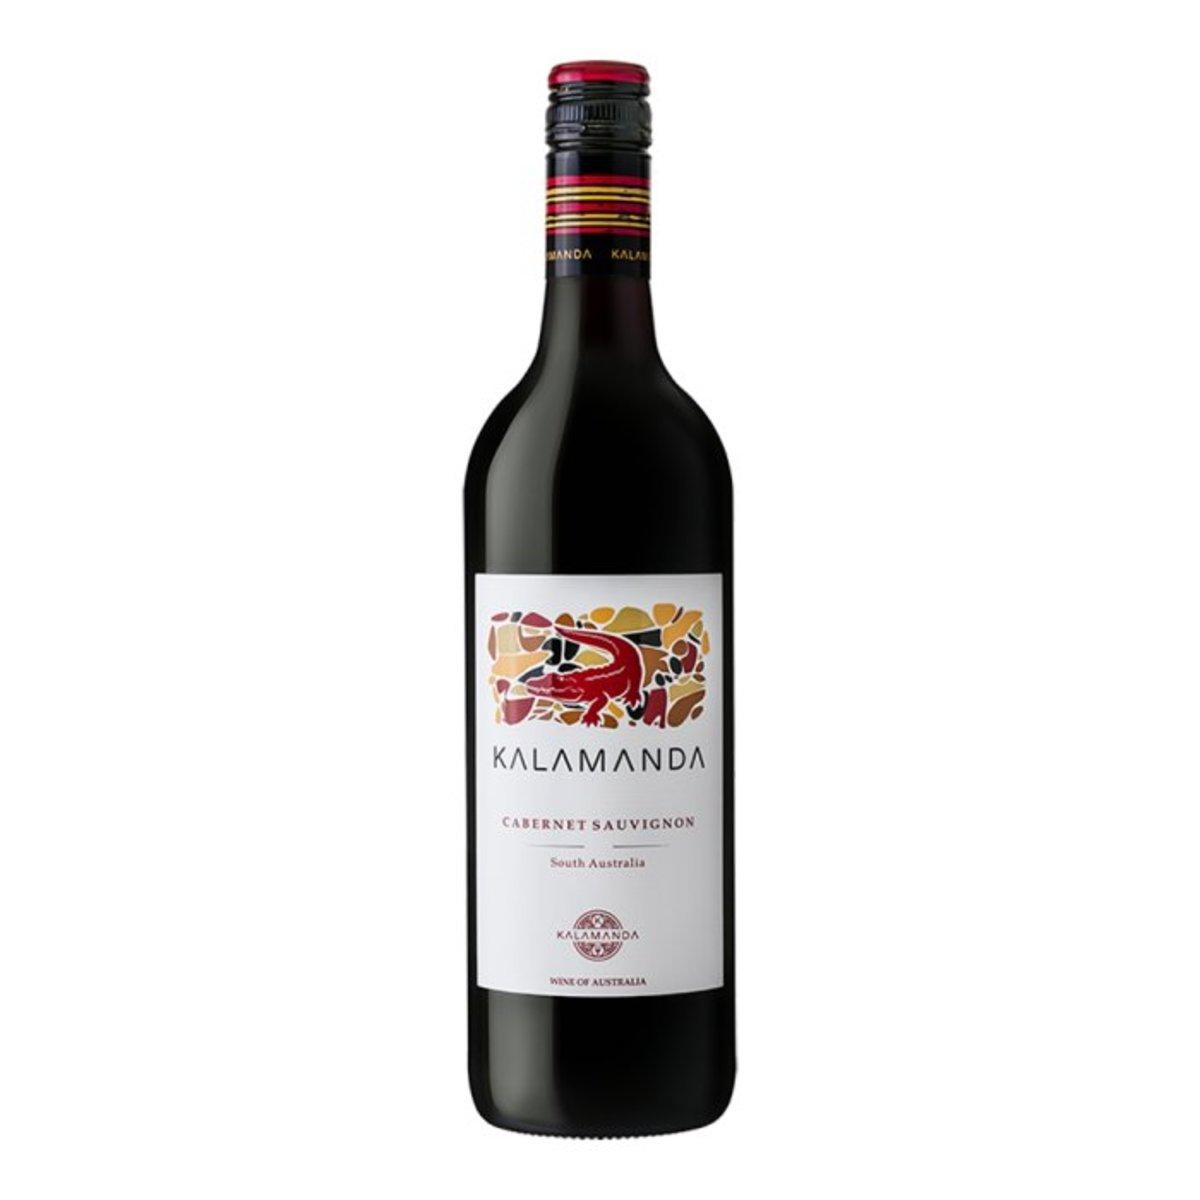 卡拉曼達赤霞珠紅酒